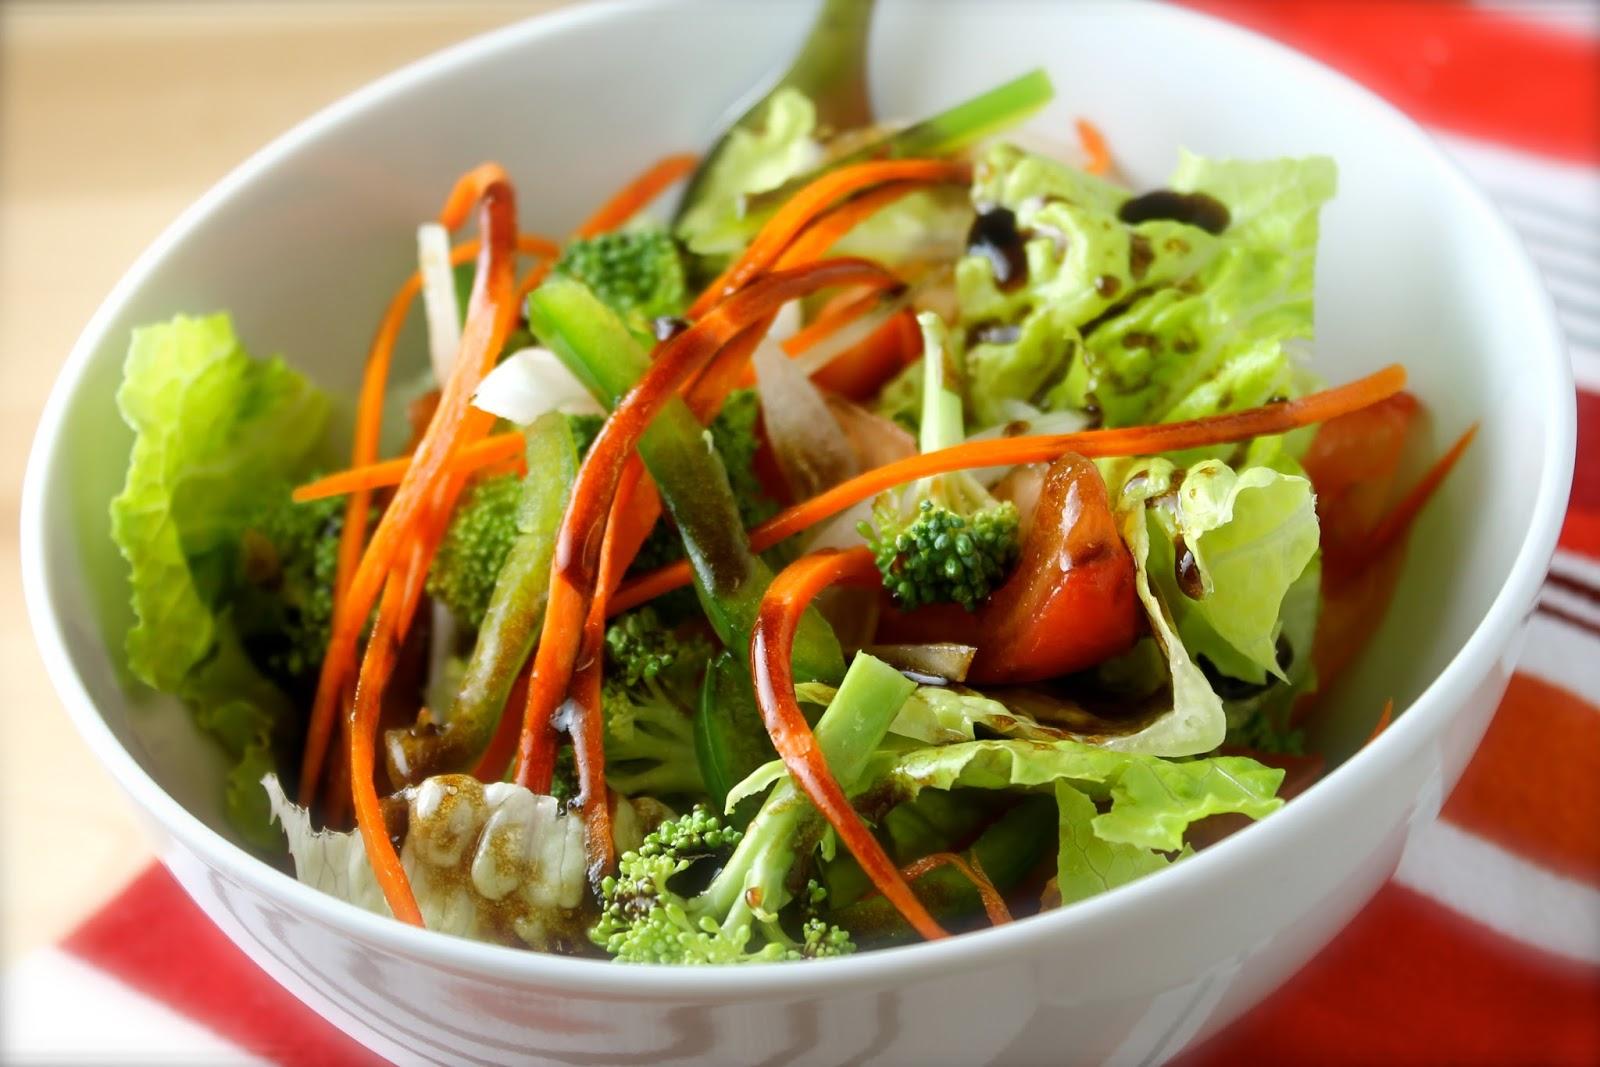 Savoir faire crujiente ensalada 7 sabores - Ensalada de apio y zanahoria ...